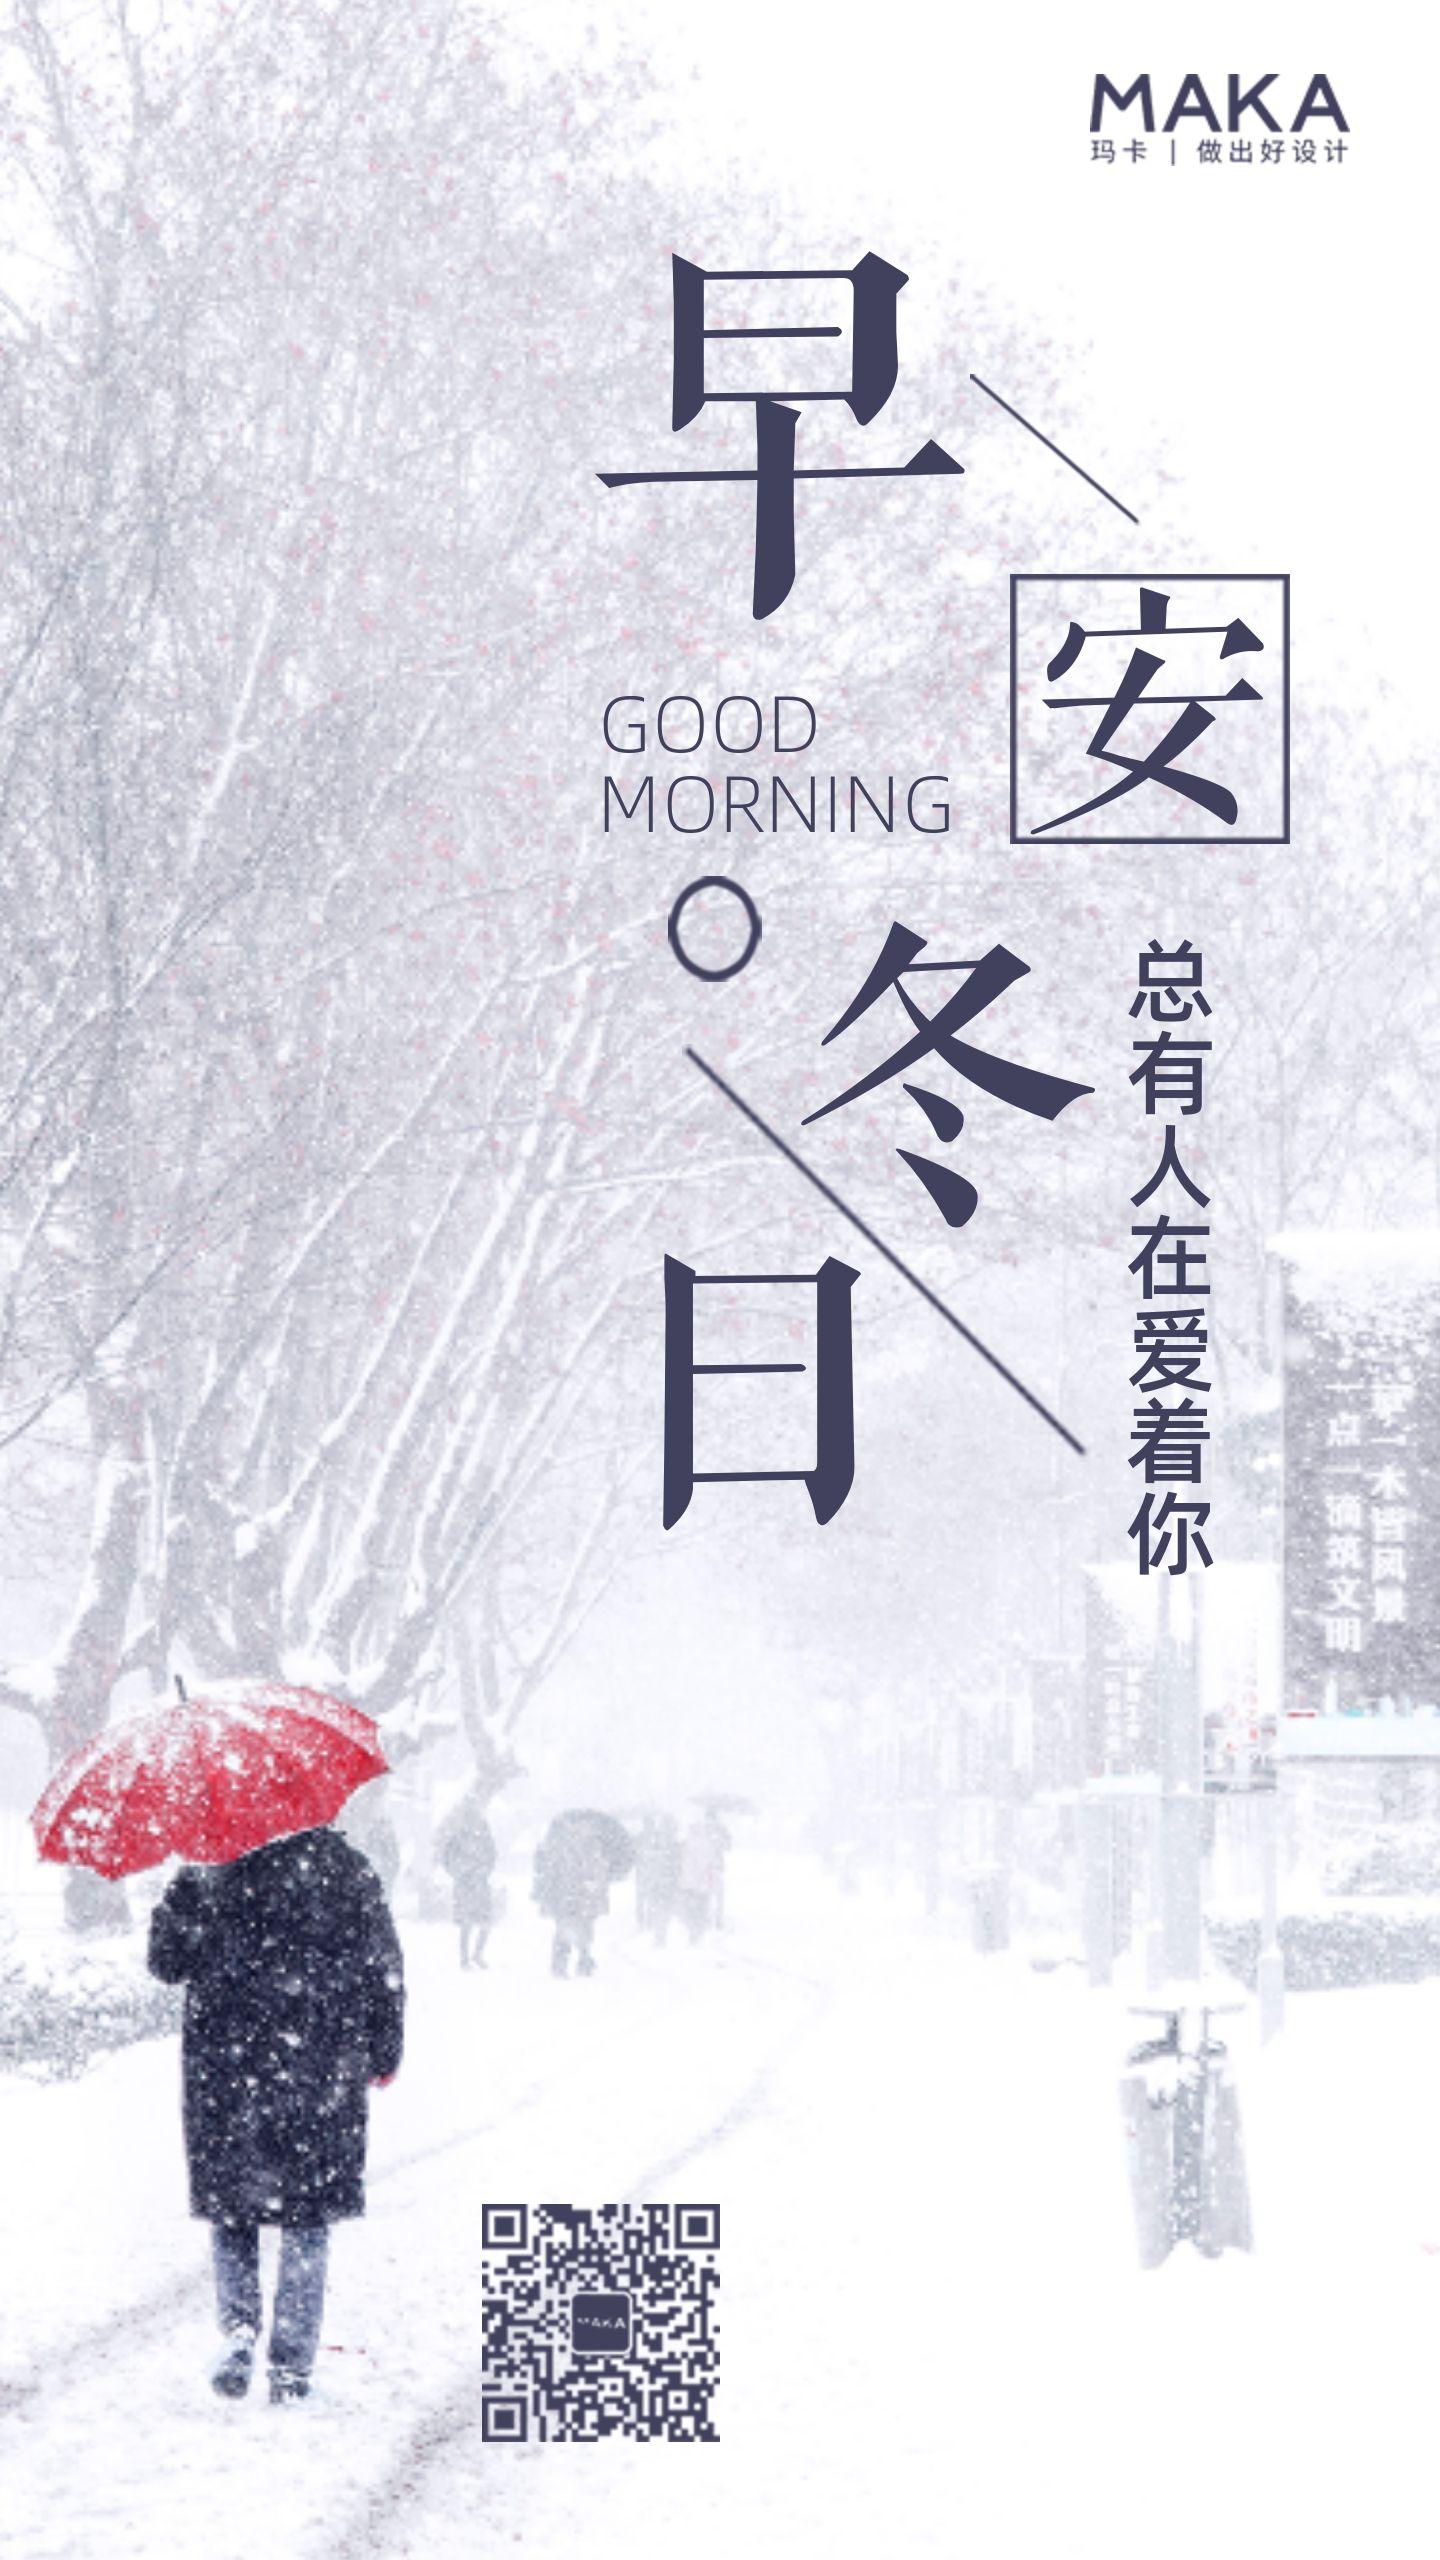 简约冬天大雪早安冬天雪景励志早安日签早安心情寄语宣传海报